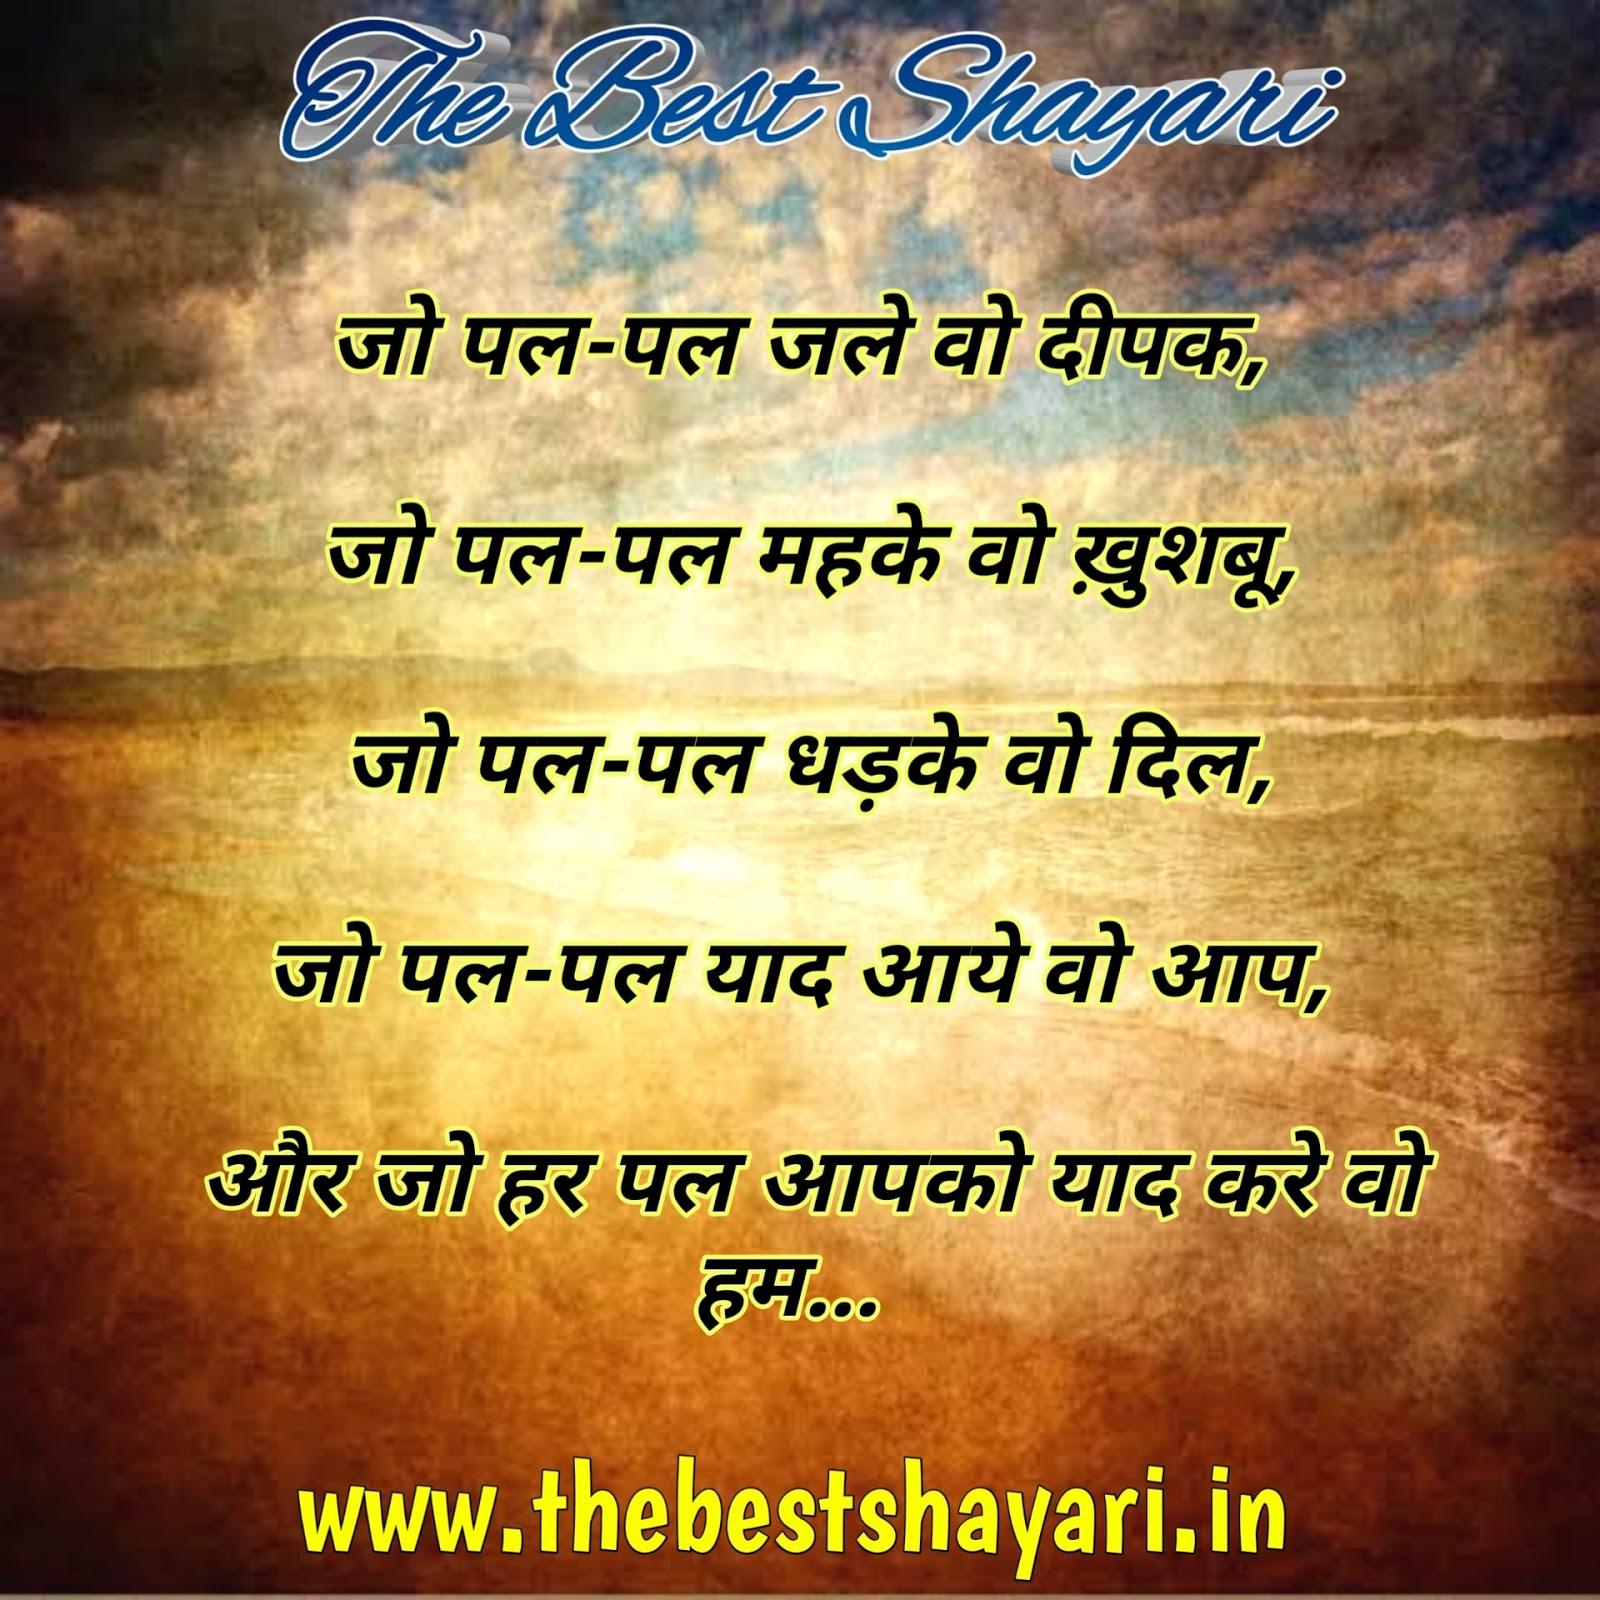 Love shayari Hindi girlfriend